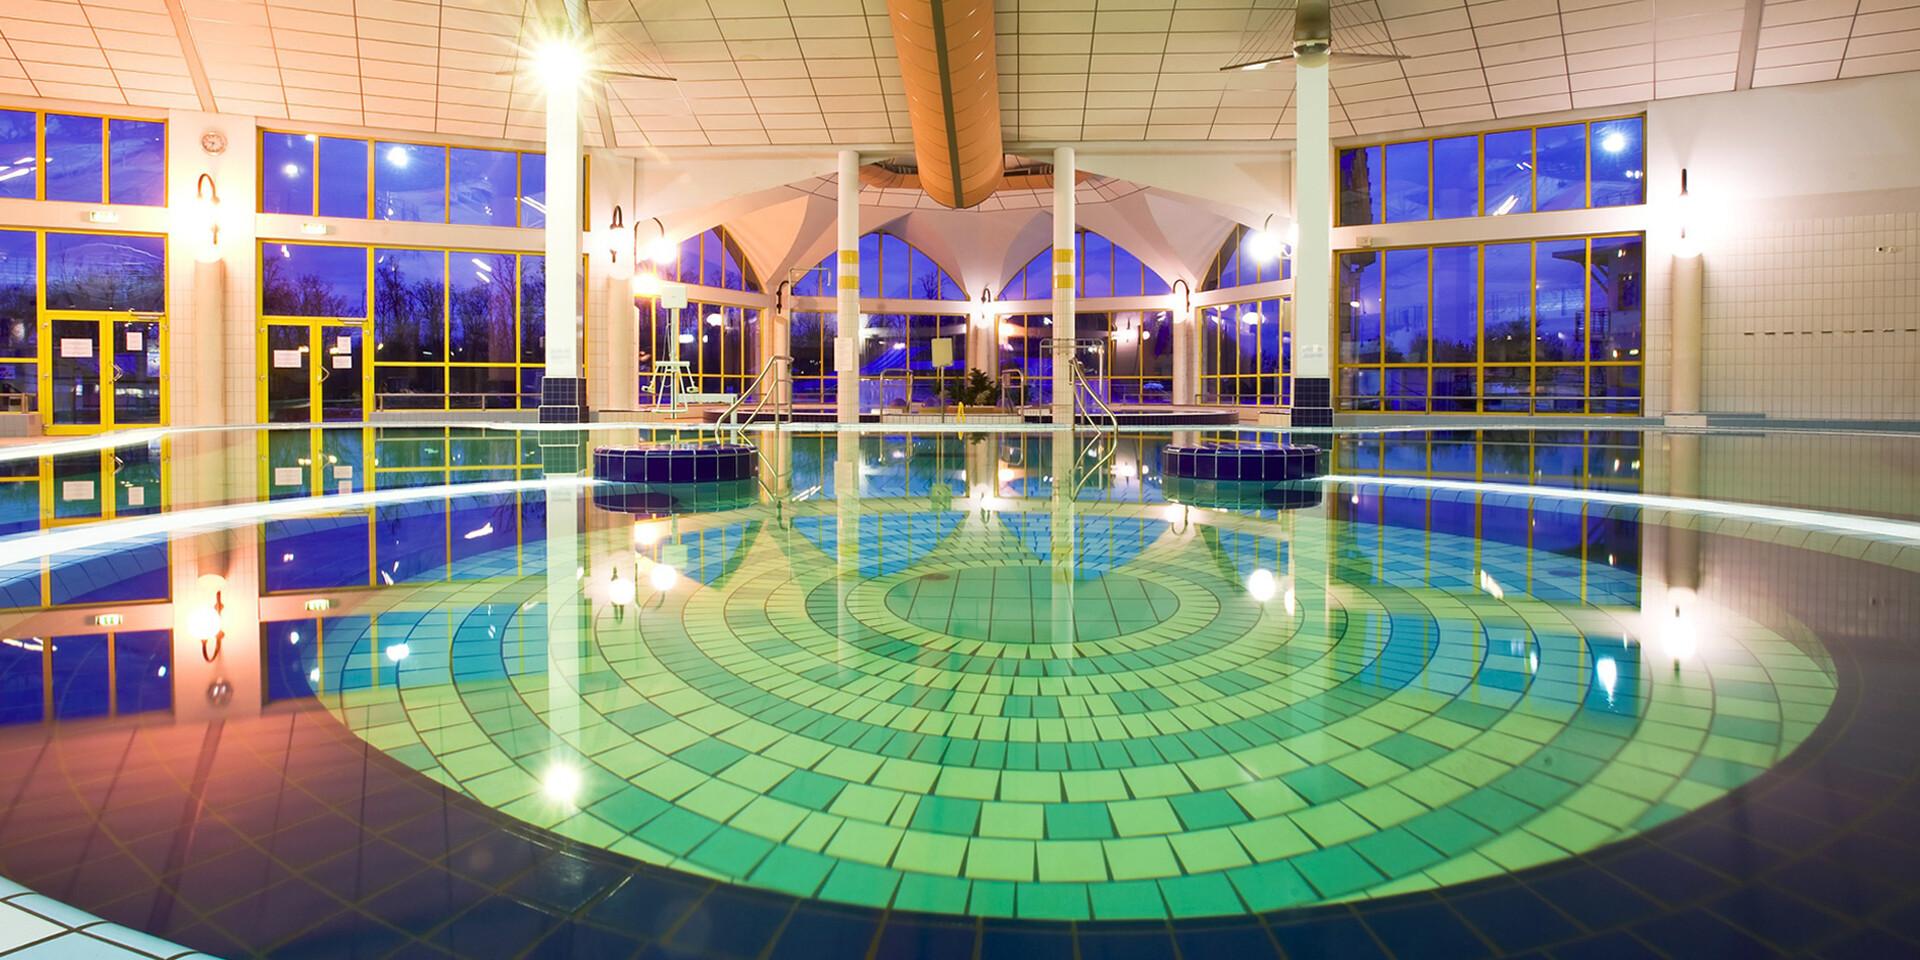 Známe kúpele Sárvár neobmedzene s ubytovaním a polpenziou v luxusnom hoteli Park Inn****